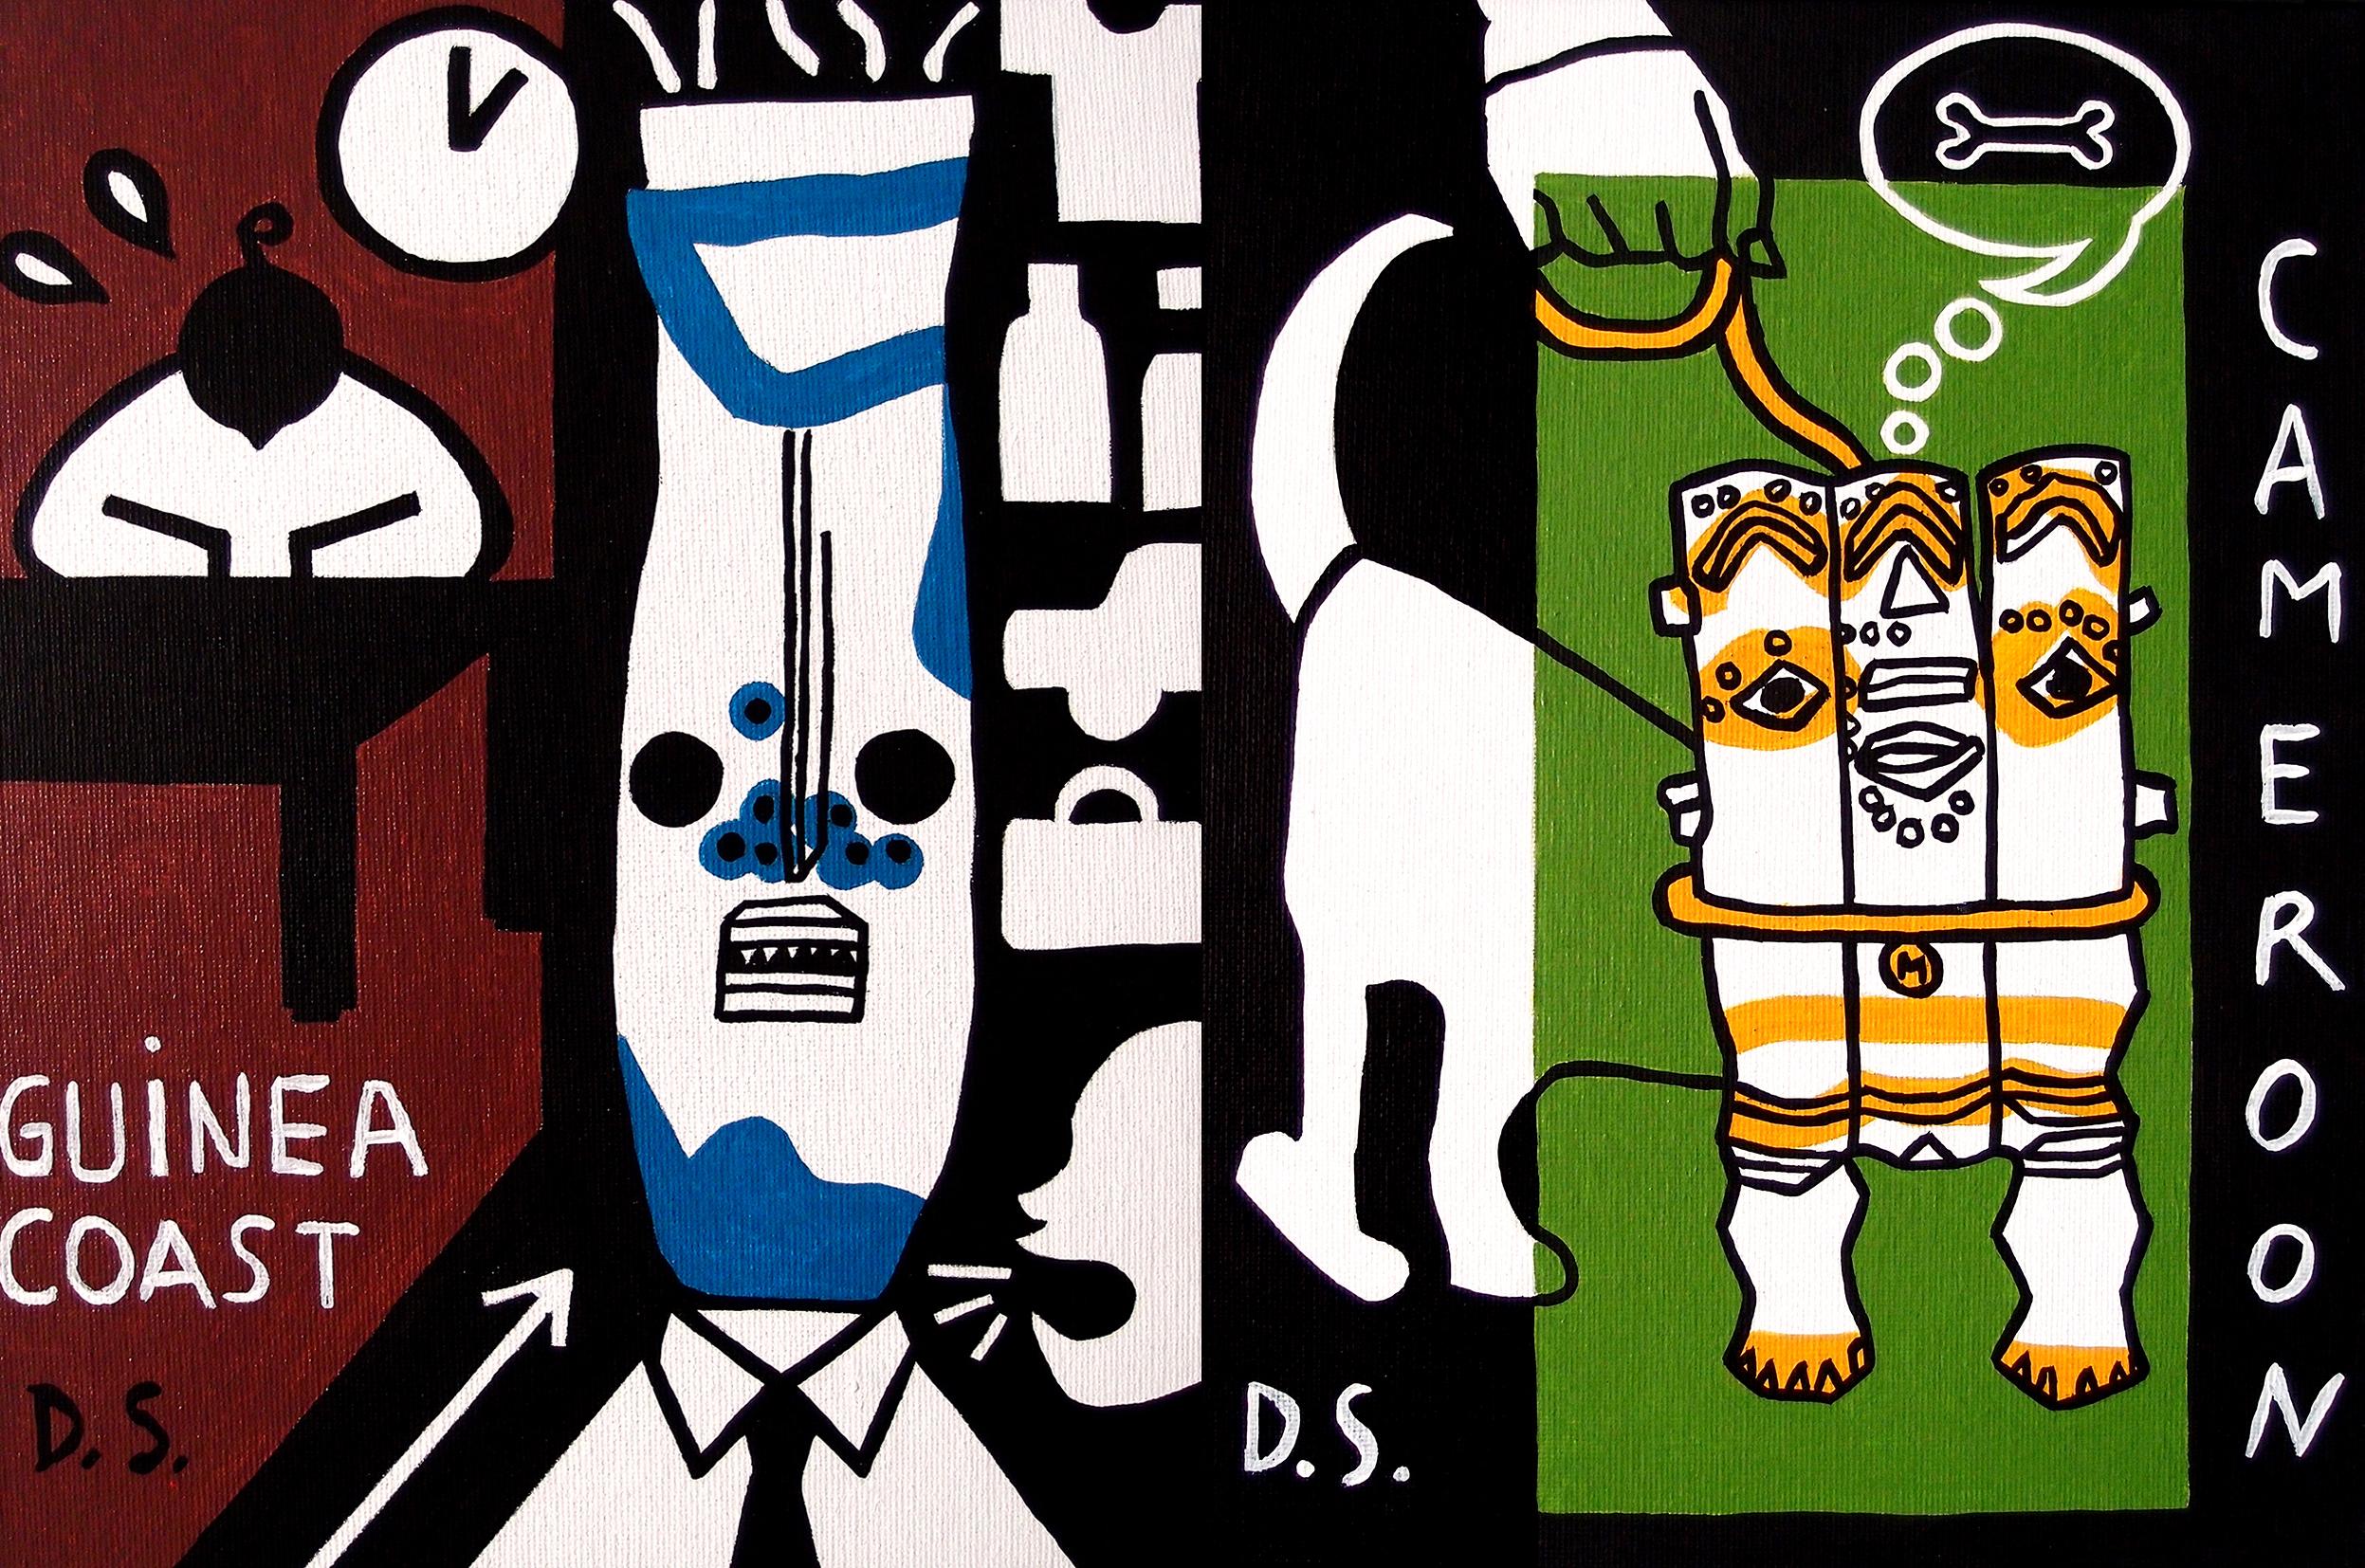 """Acrylic on canvas, GUINEA COAST, 9"""" x 12""""                                   Acrylic on canvas, CAMEROON, 9"""" x 12"""""""